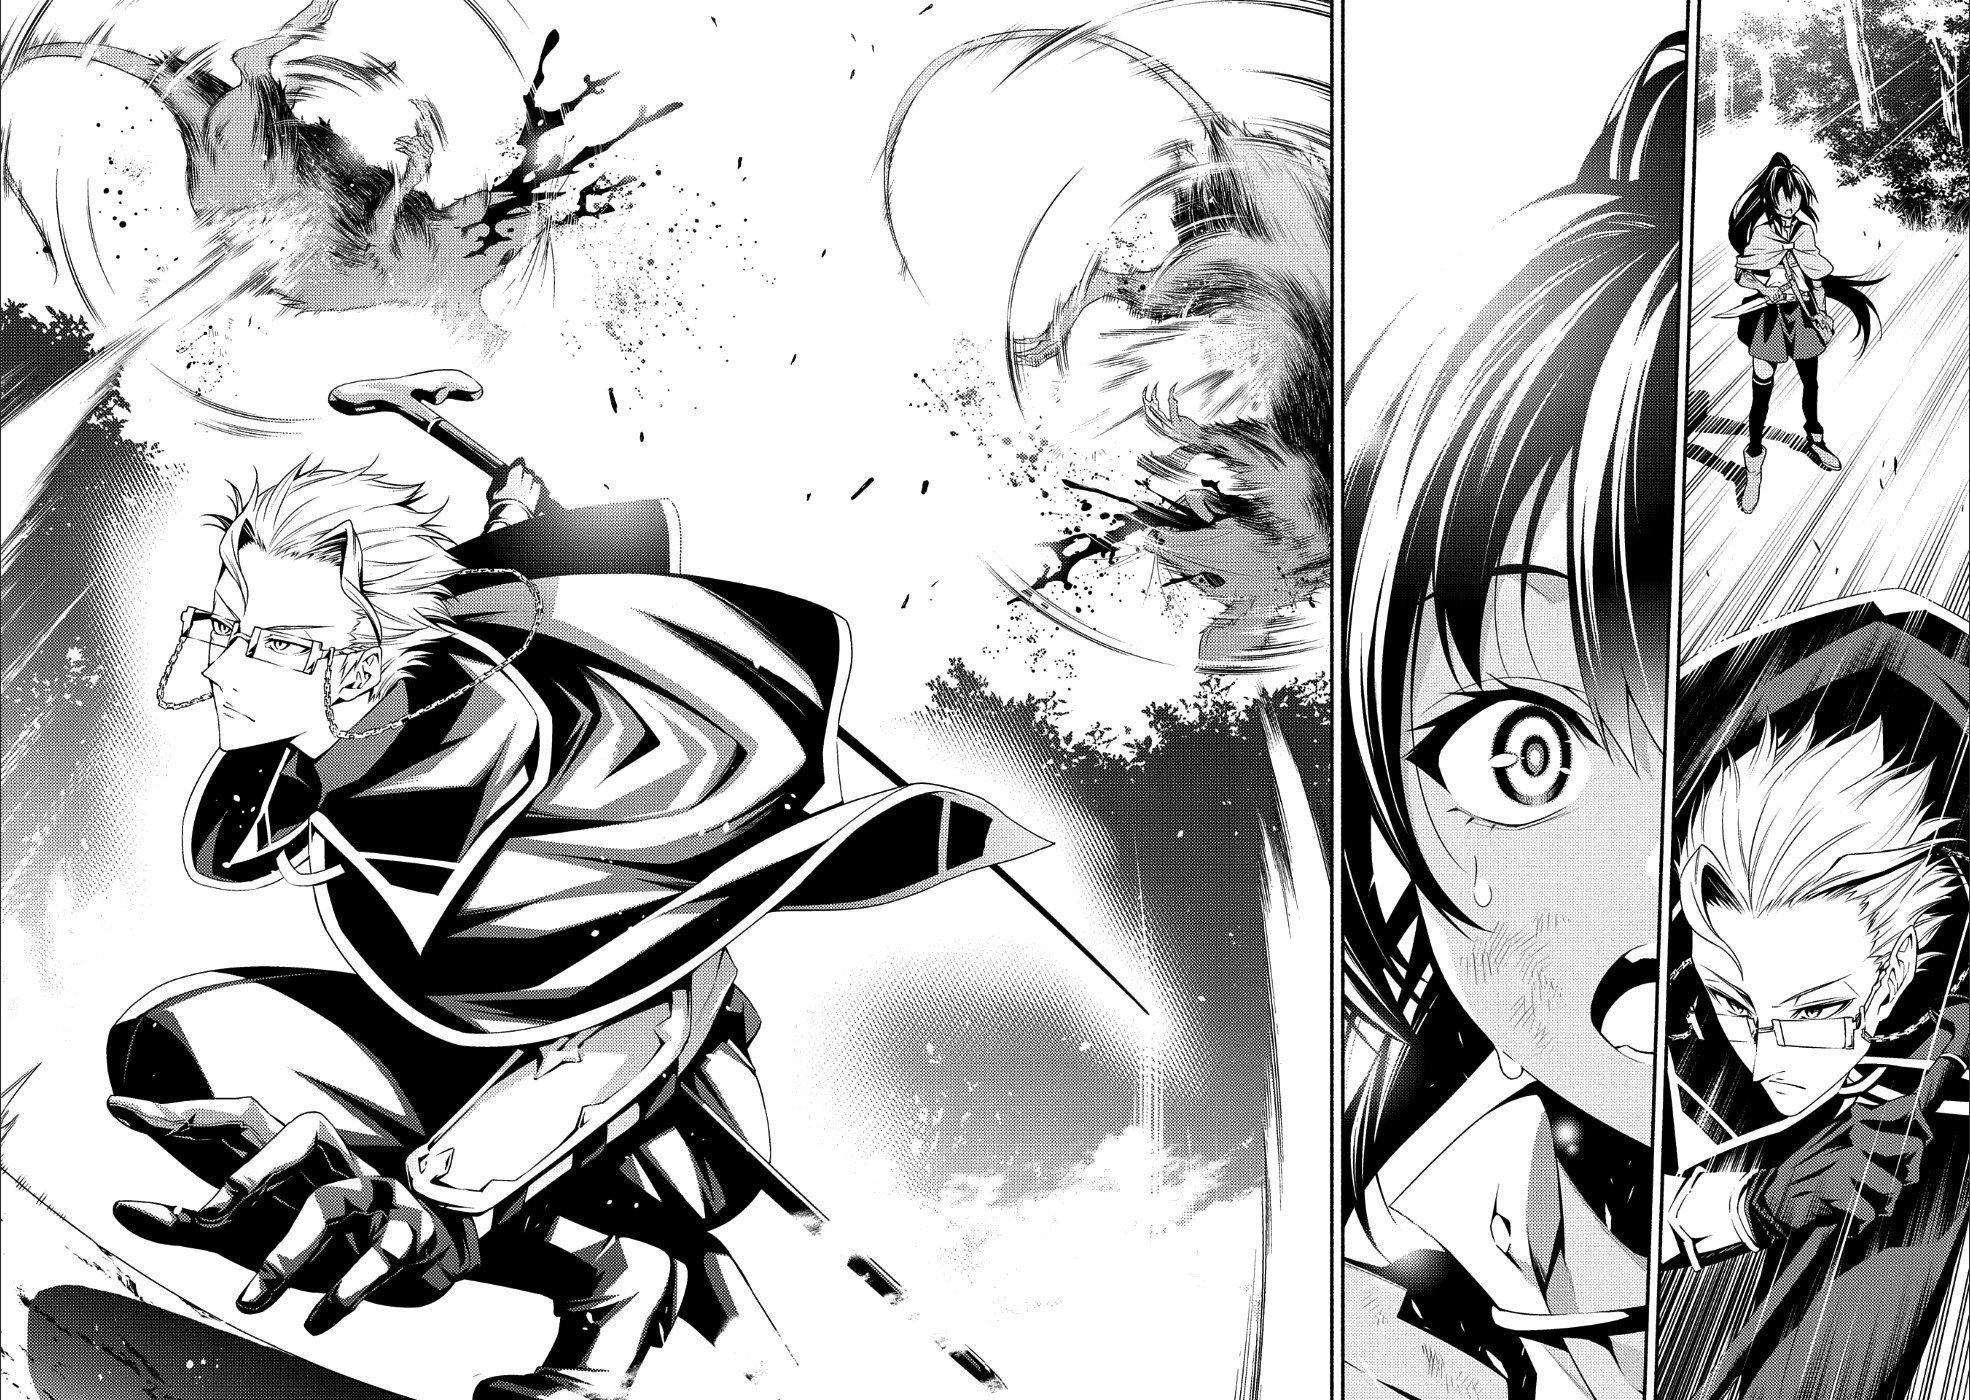 อ่านการ์ตูน Saikyou Party no Zatsuyougakari Ossan wa Muriyari Kyuuka o Tora Sareta you desu ตอนที่ 1 หน้าที่ 31